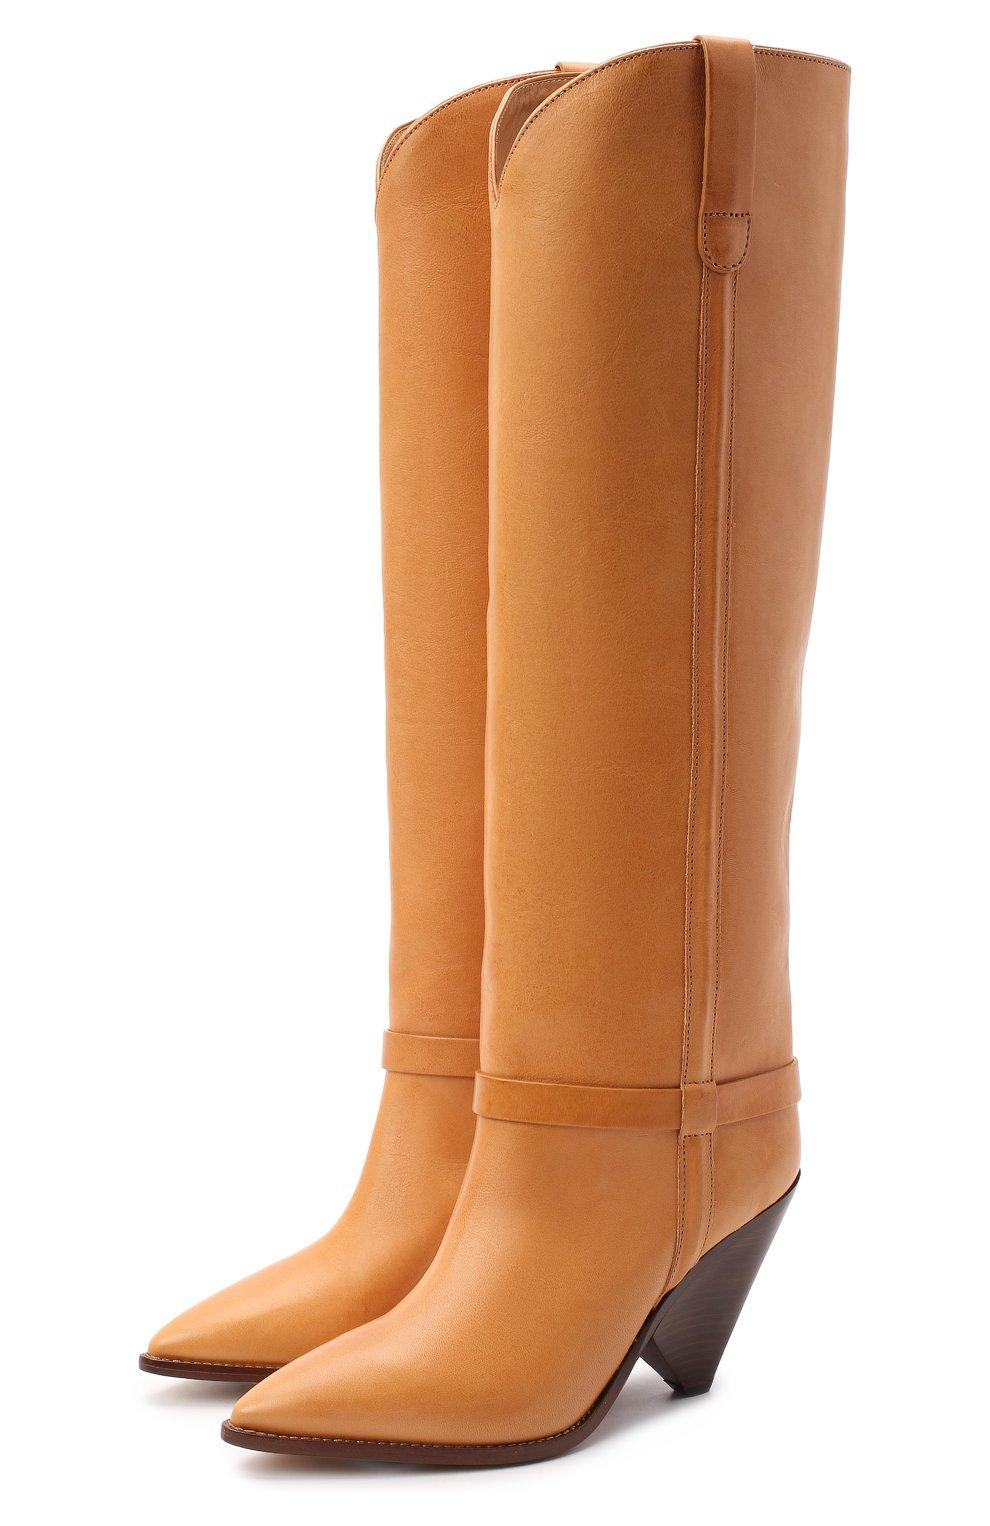 Женские кожаные сапоги lenskee ISABEL MARANT коричневого цвета, арт. LENSKEE/BT0042-20A008S   Фото 1